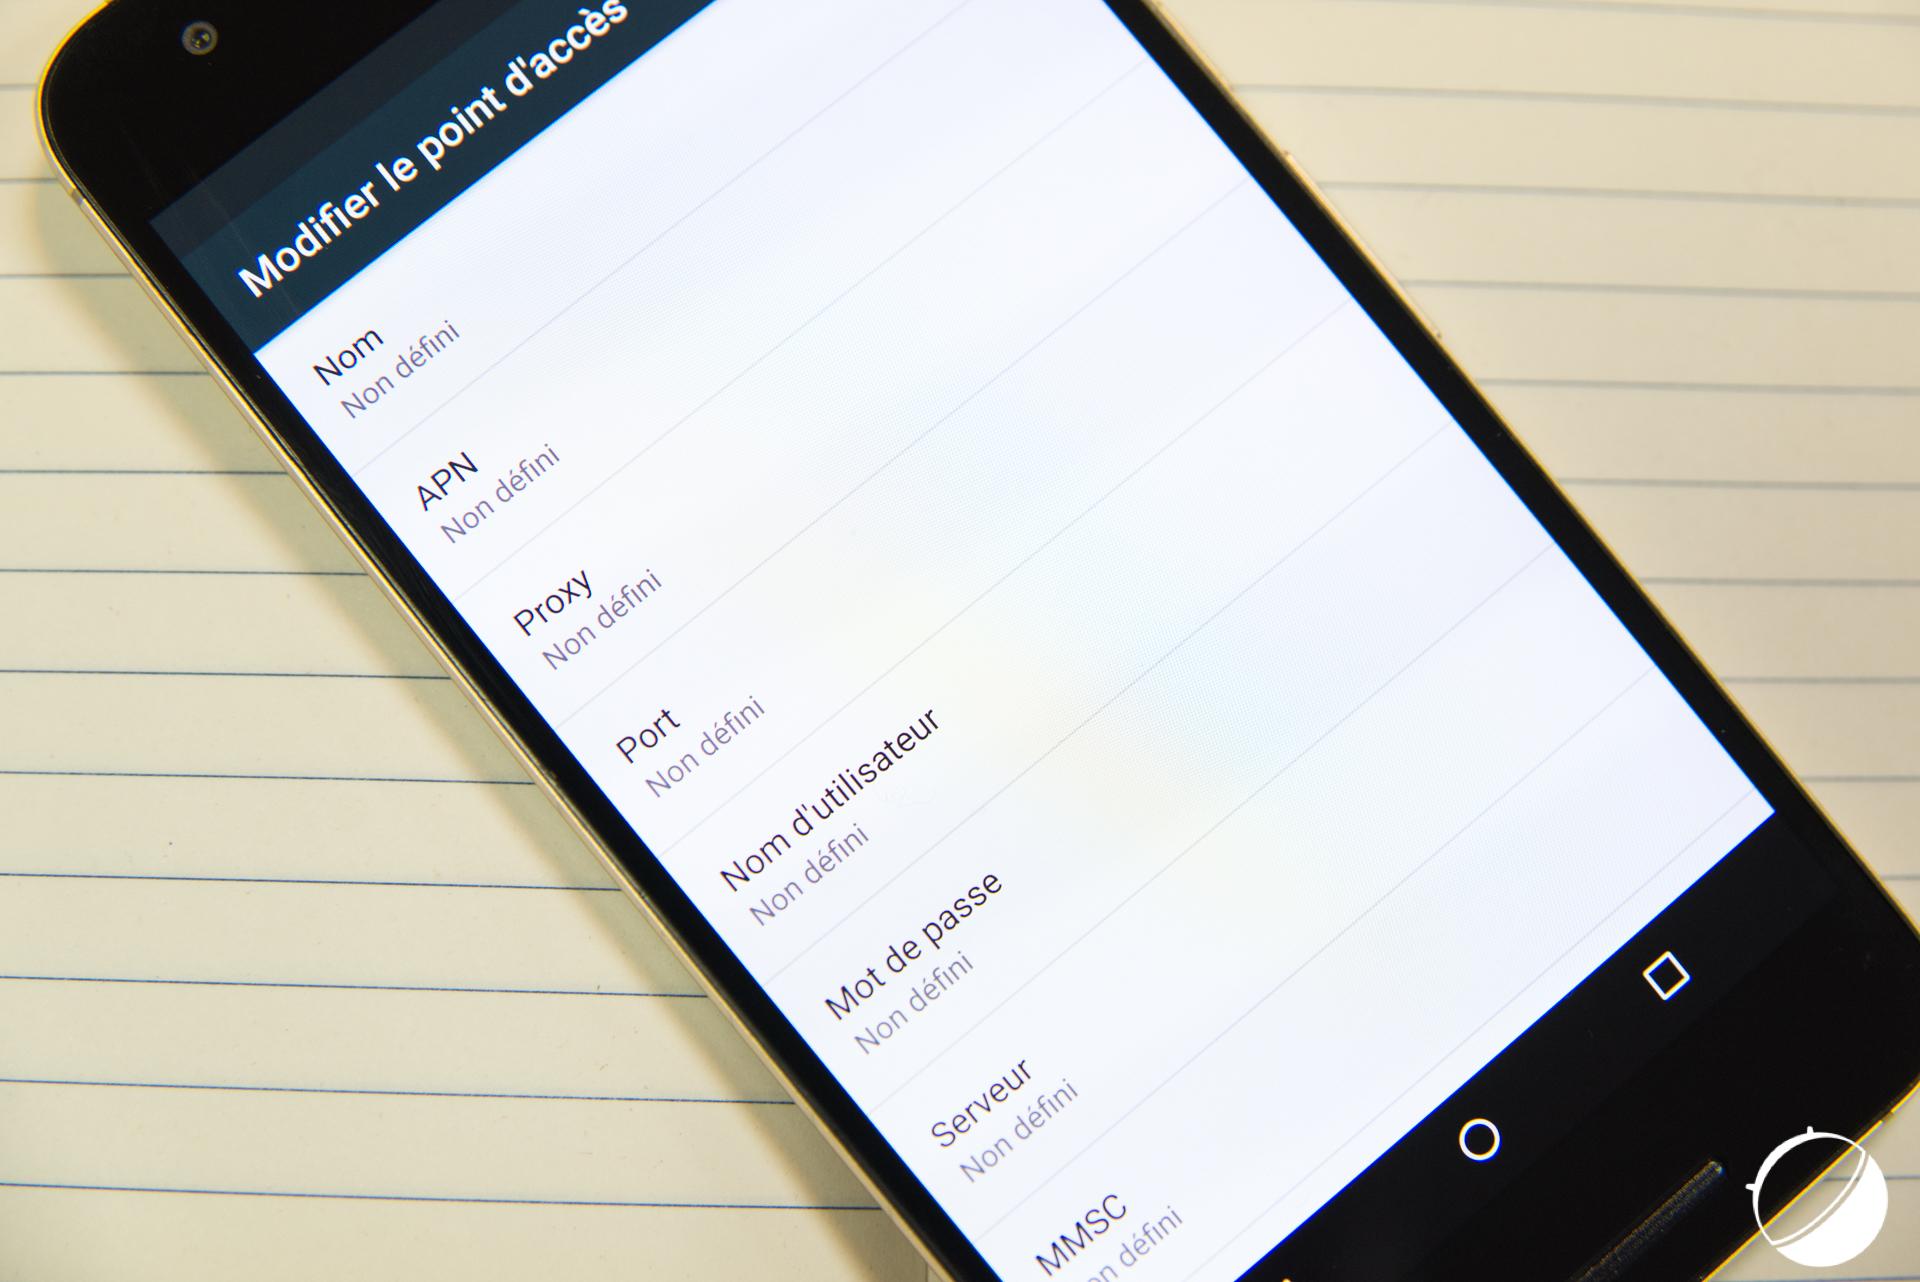 Tuto : Comment configurer l'APN de son mobile sur Android et liste des APN des opérateurs